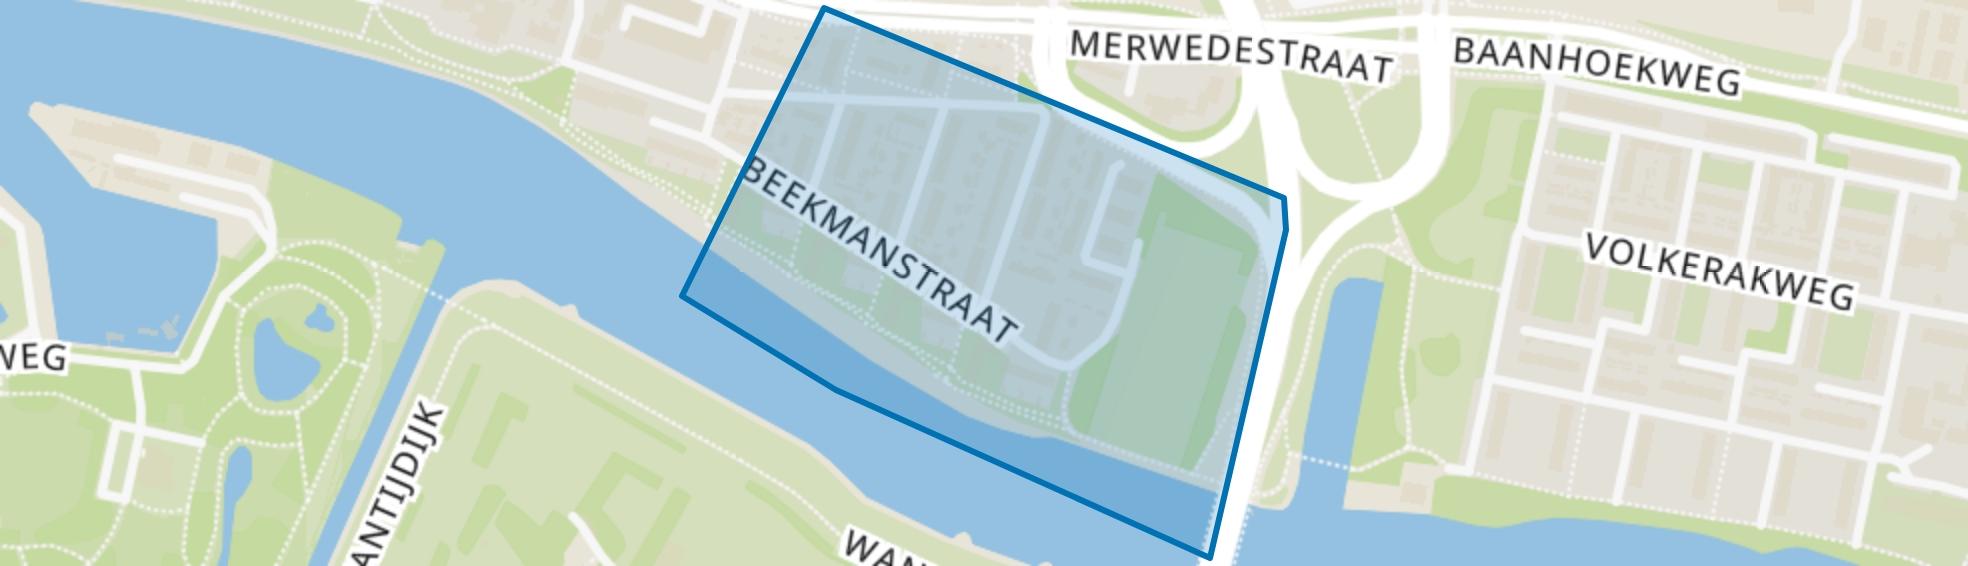 Beekmanstraat en omgeving, Dordrecht map